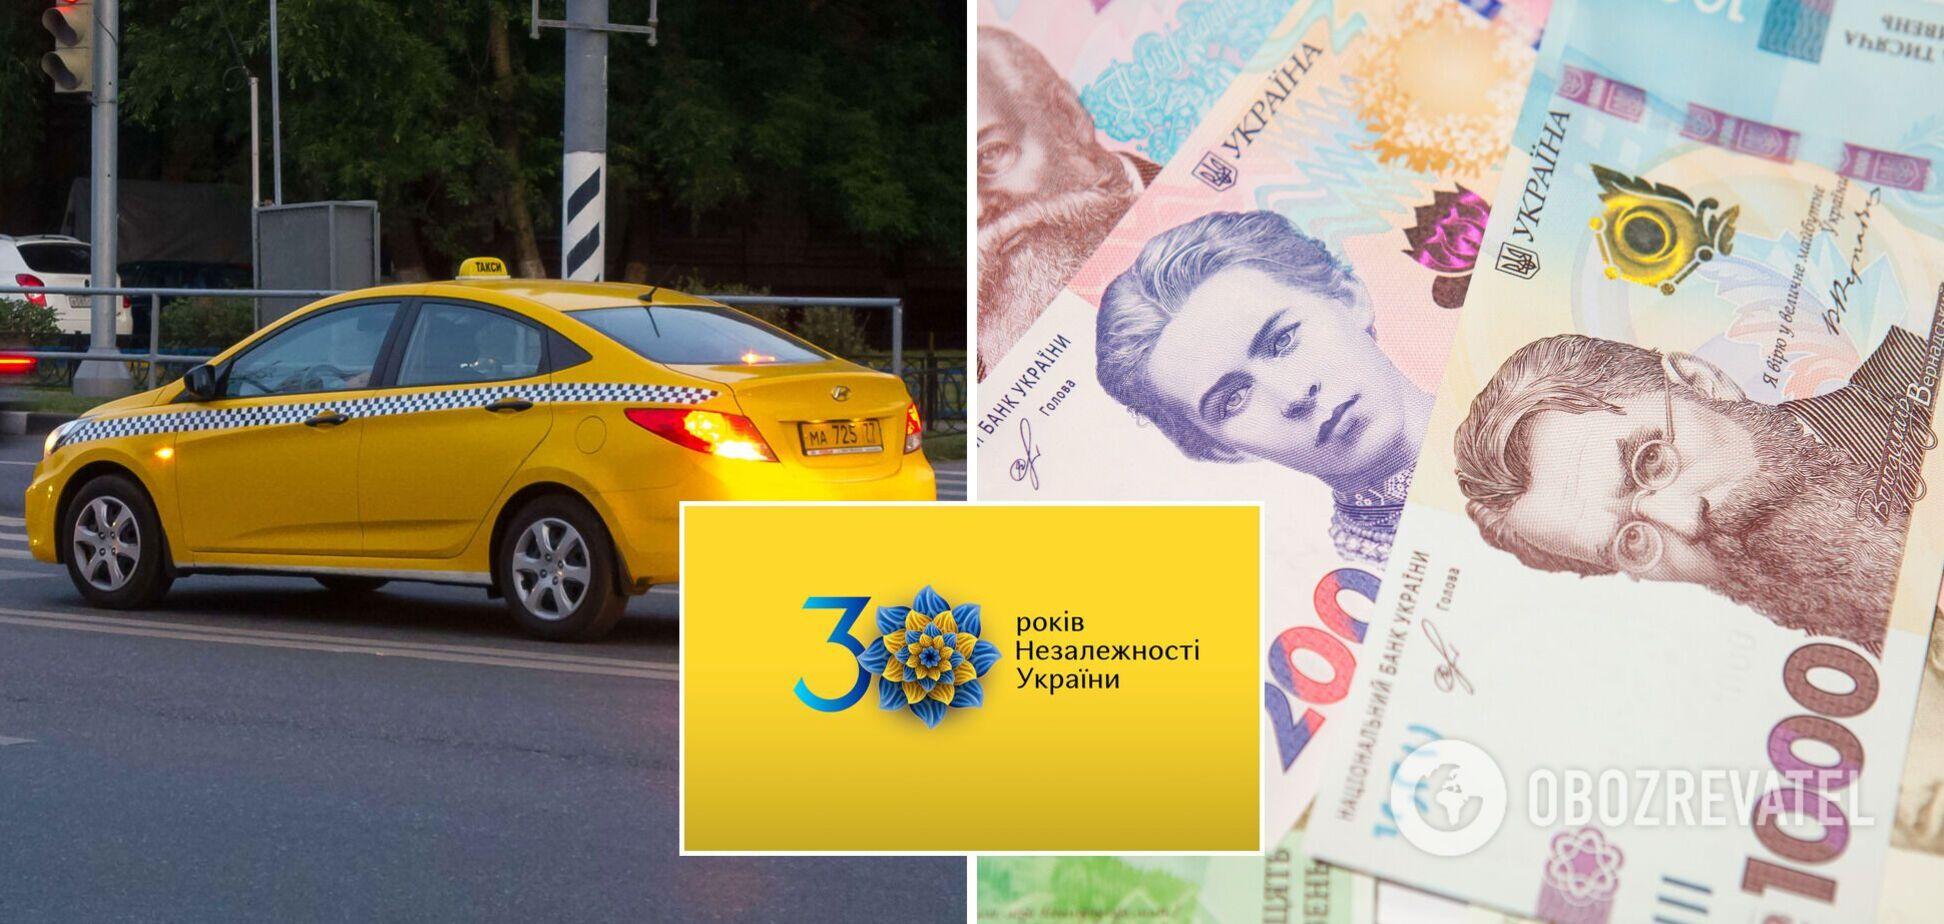 Ціни на таксі в Києві на День Незалежності виростуть